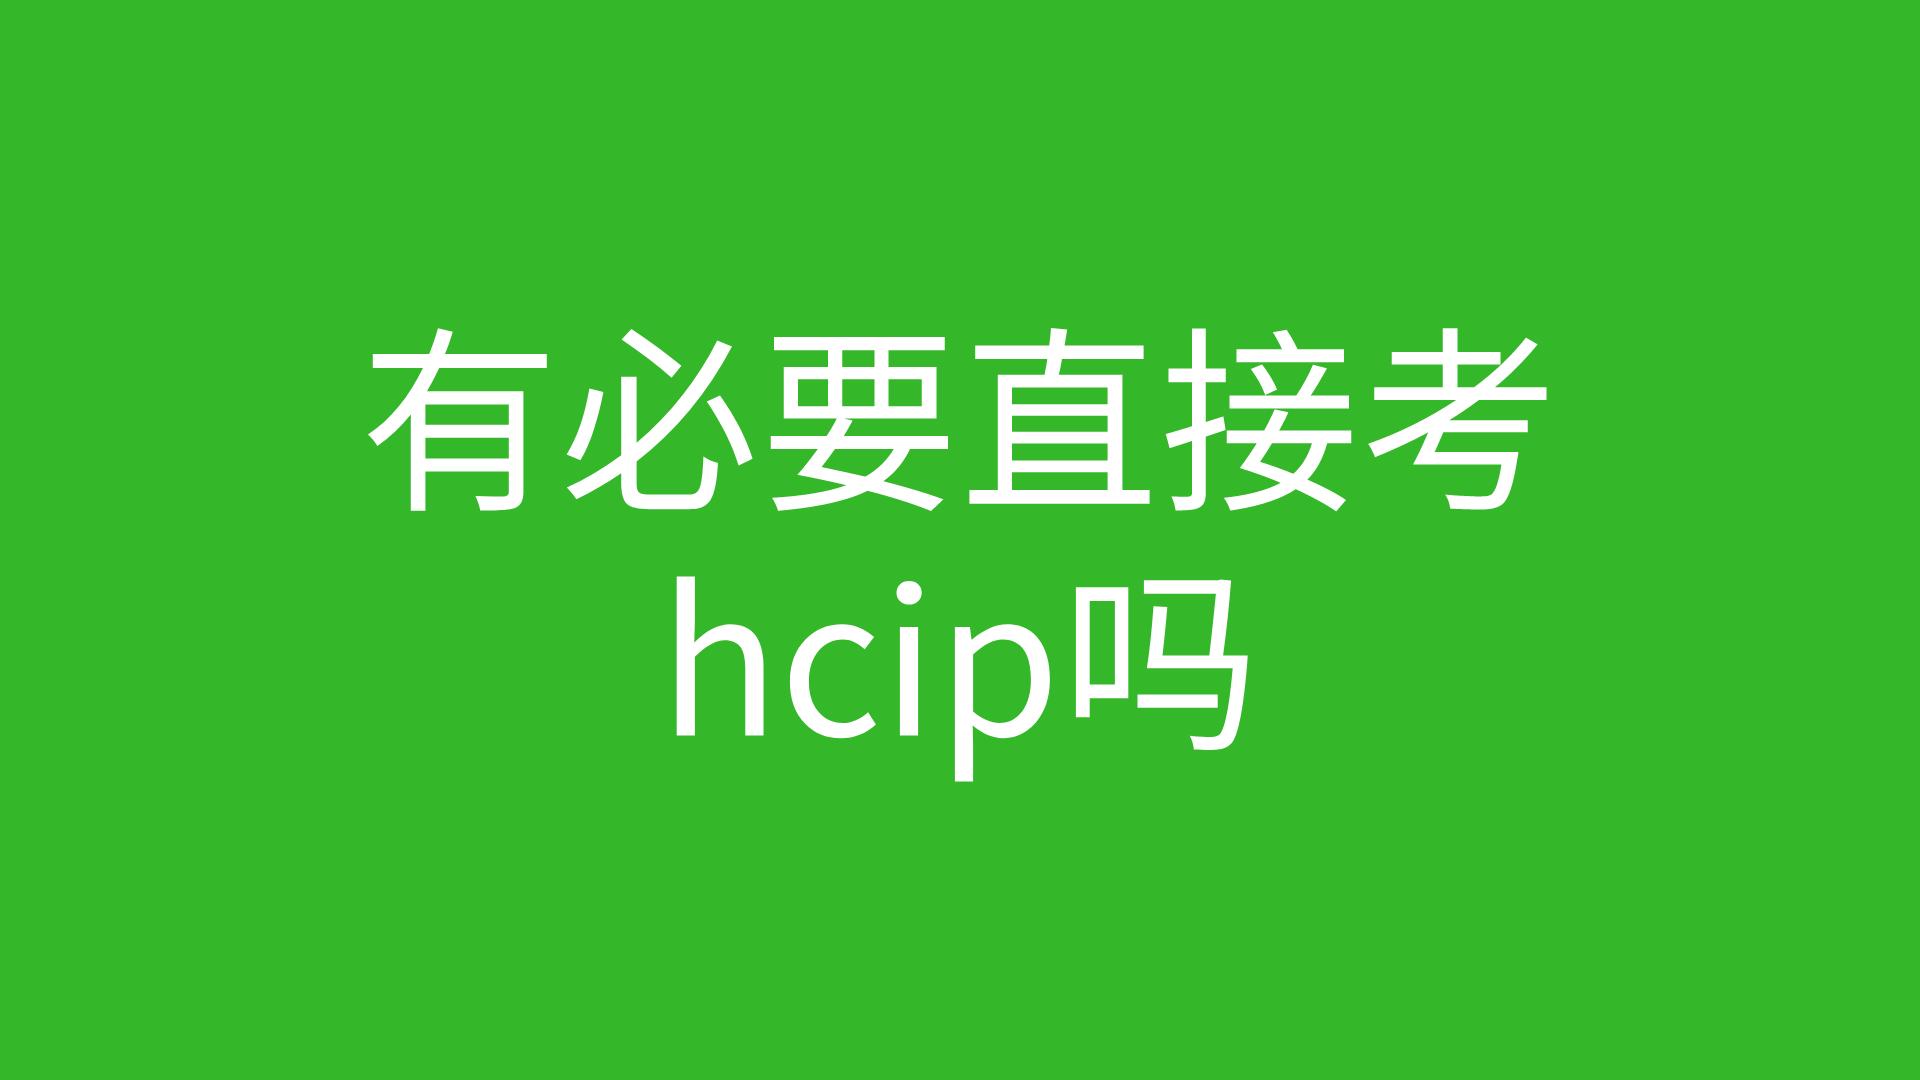 有必要直接考hcip吗